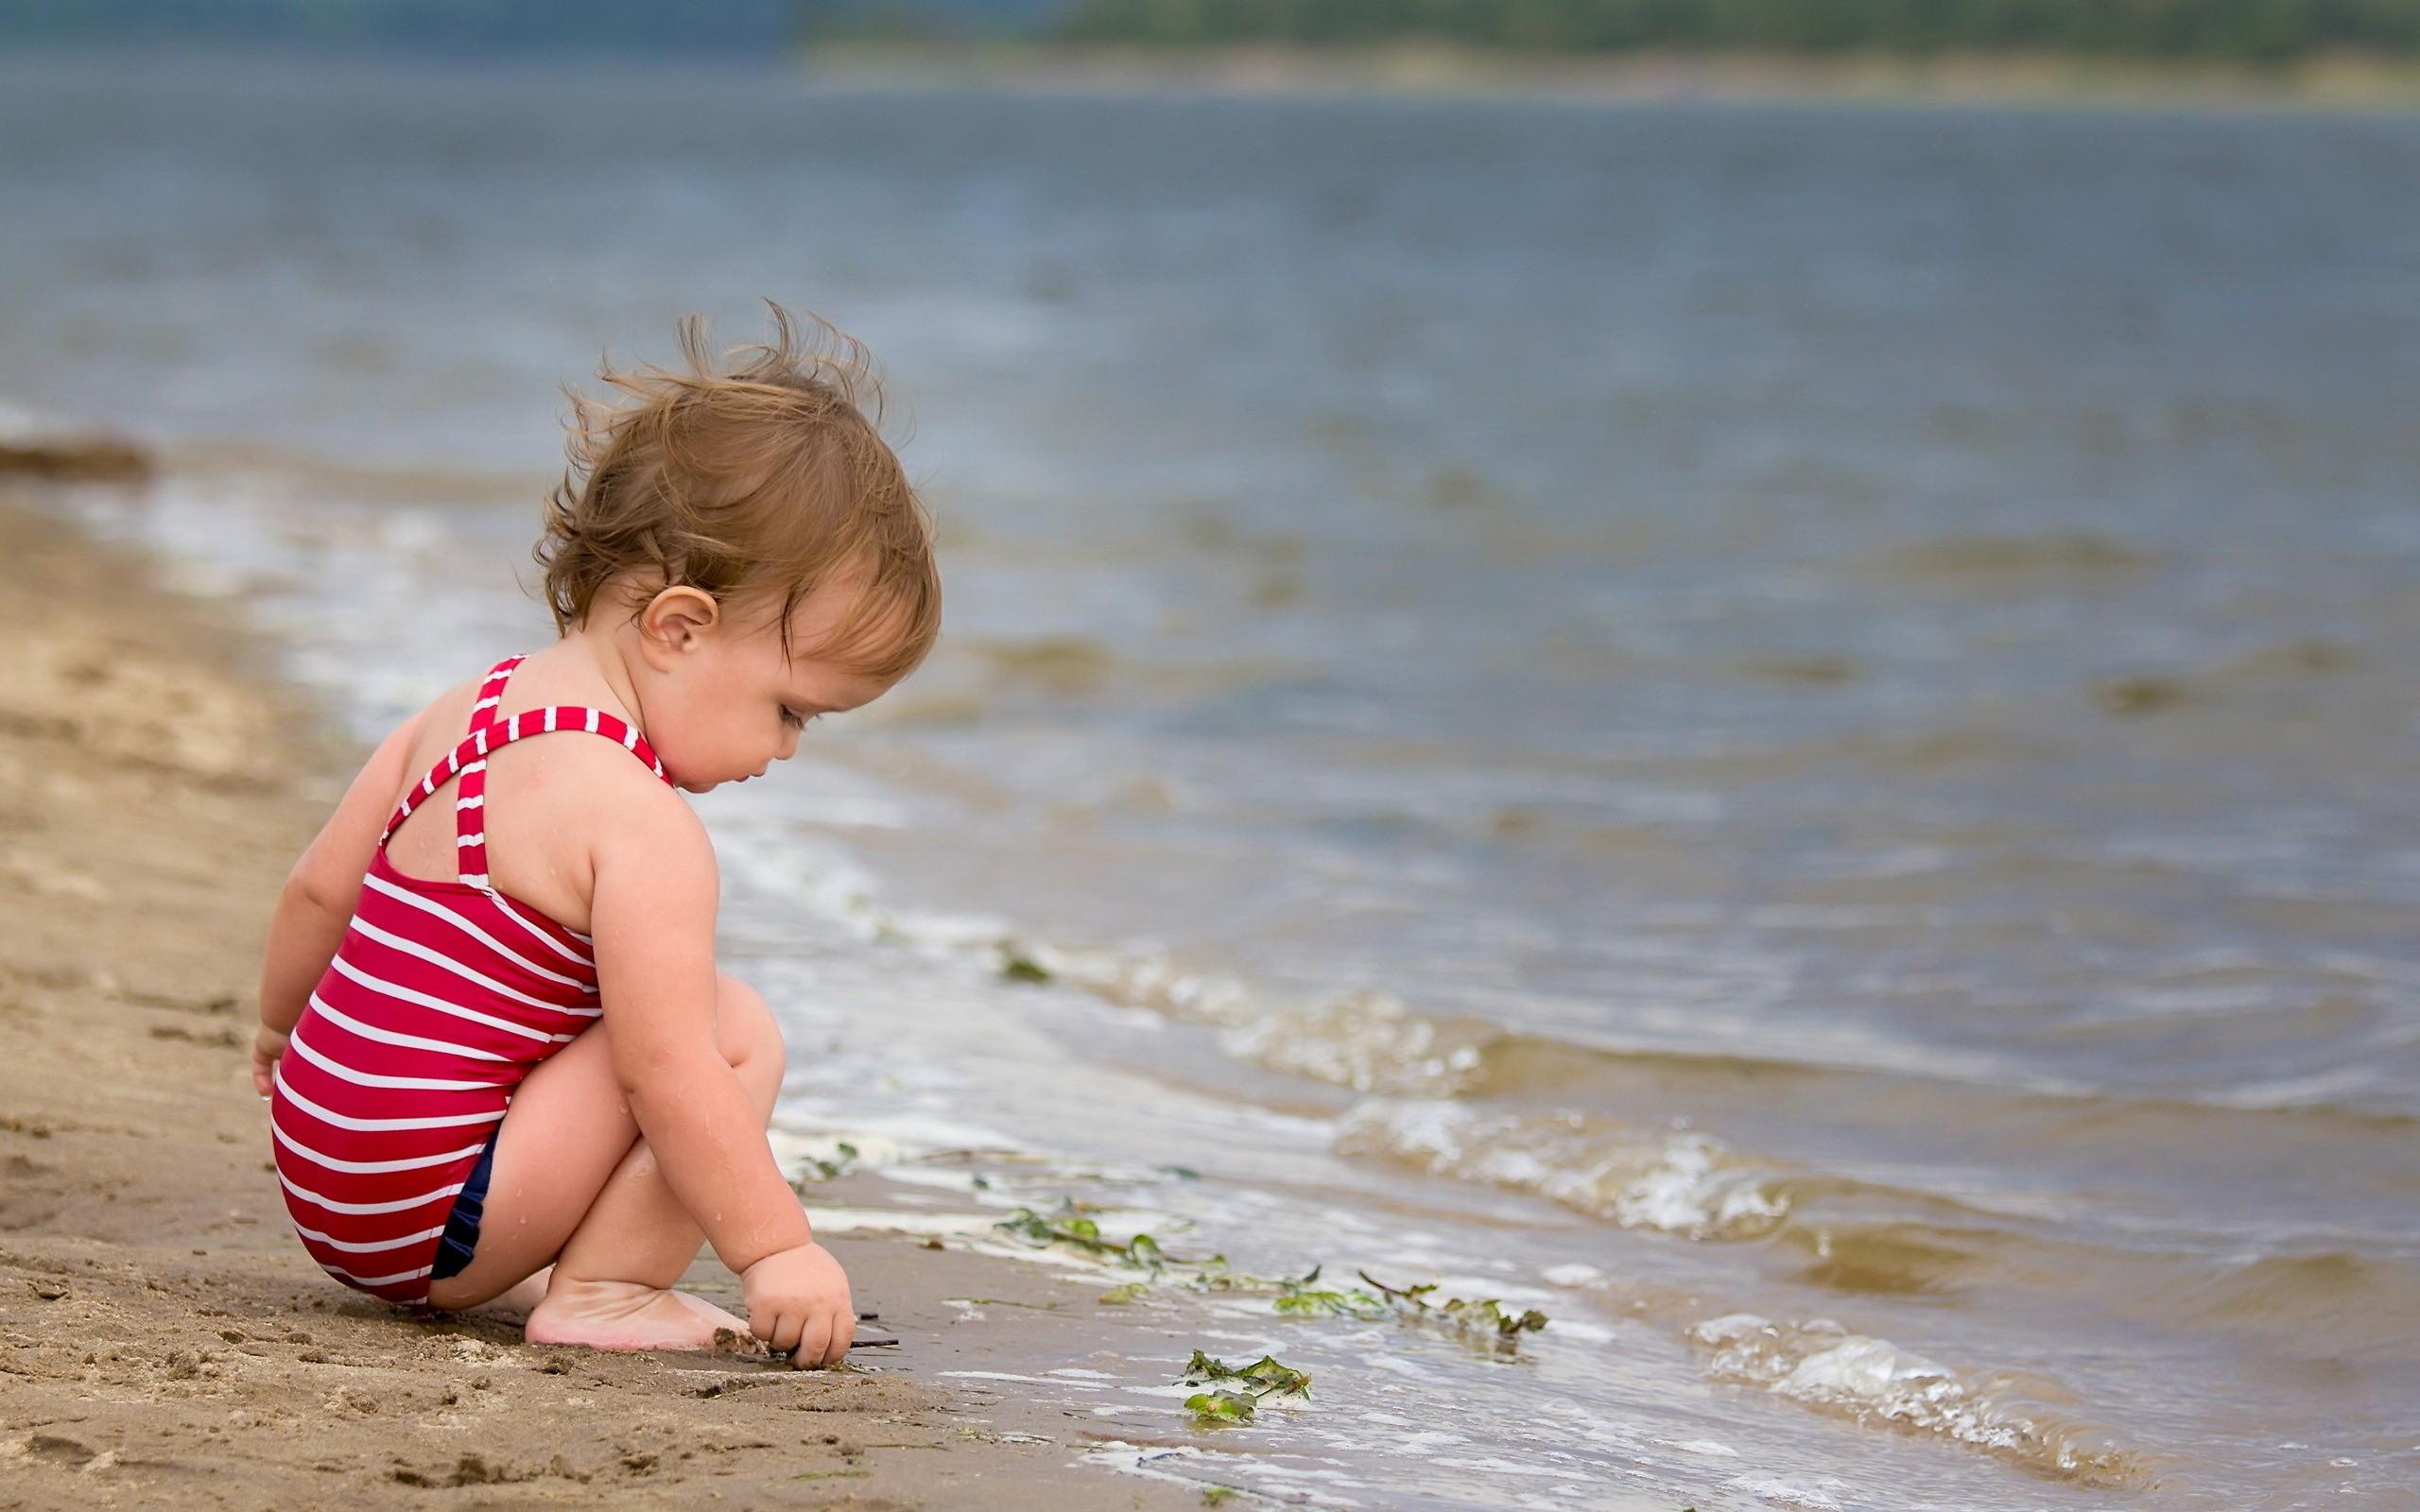 bambina sul bagnasciuga, mare che paura